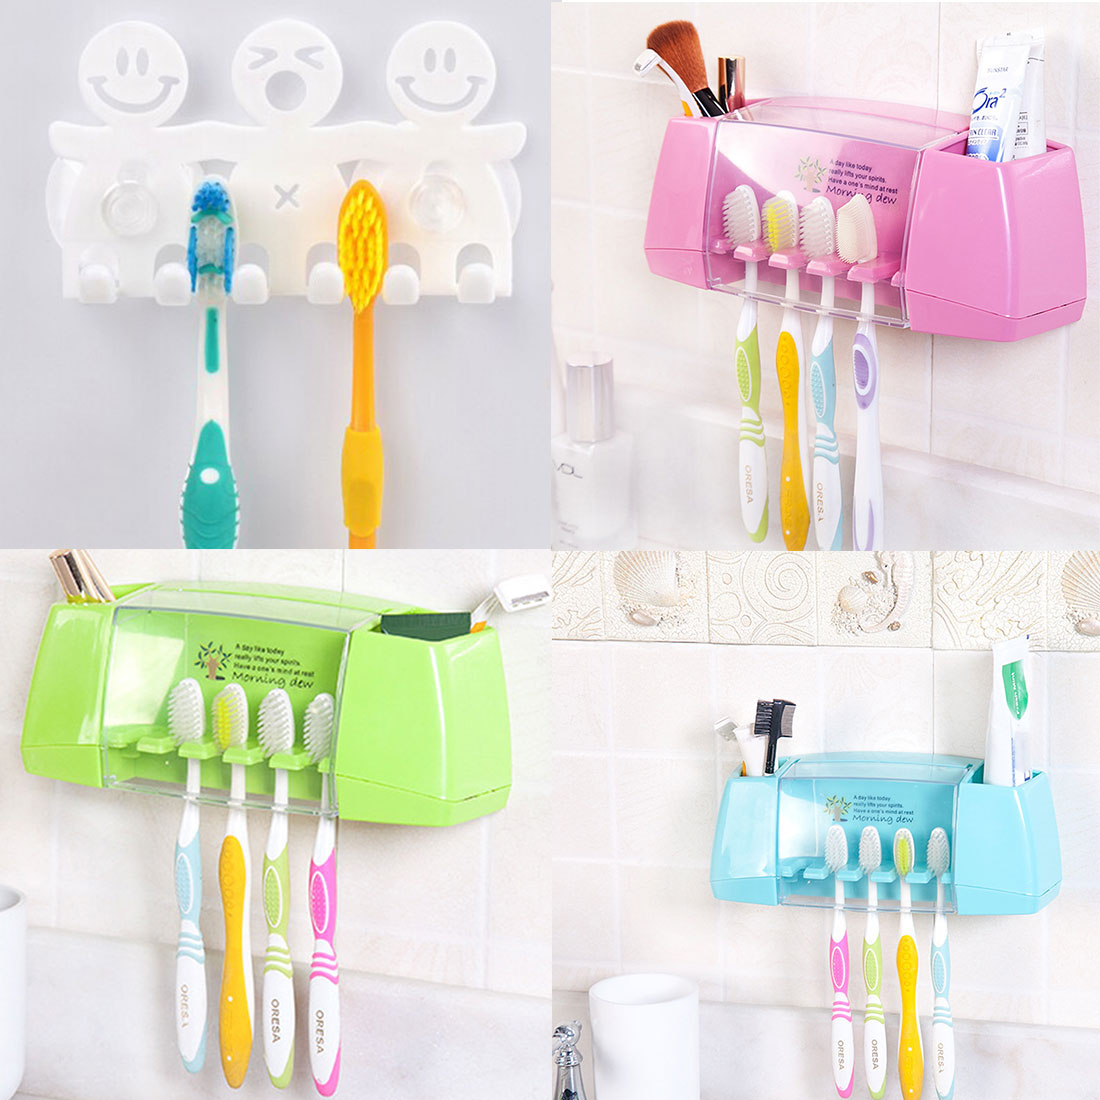 Зубные щётки и пластиковые крючки